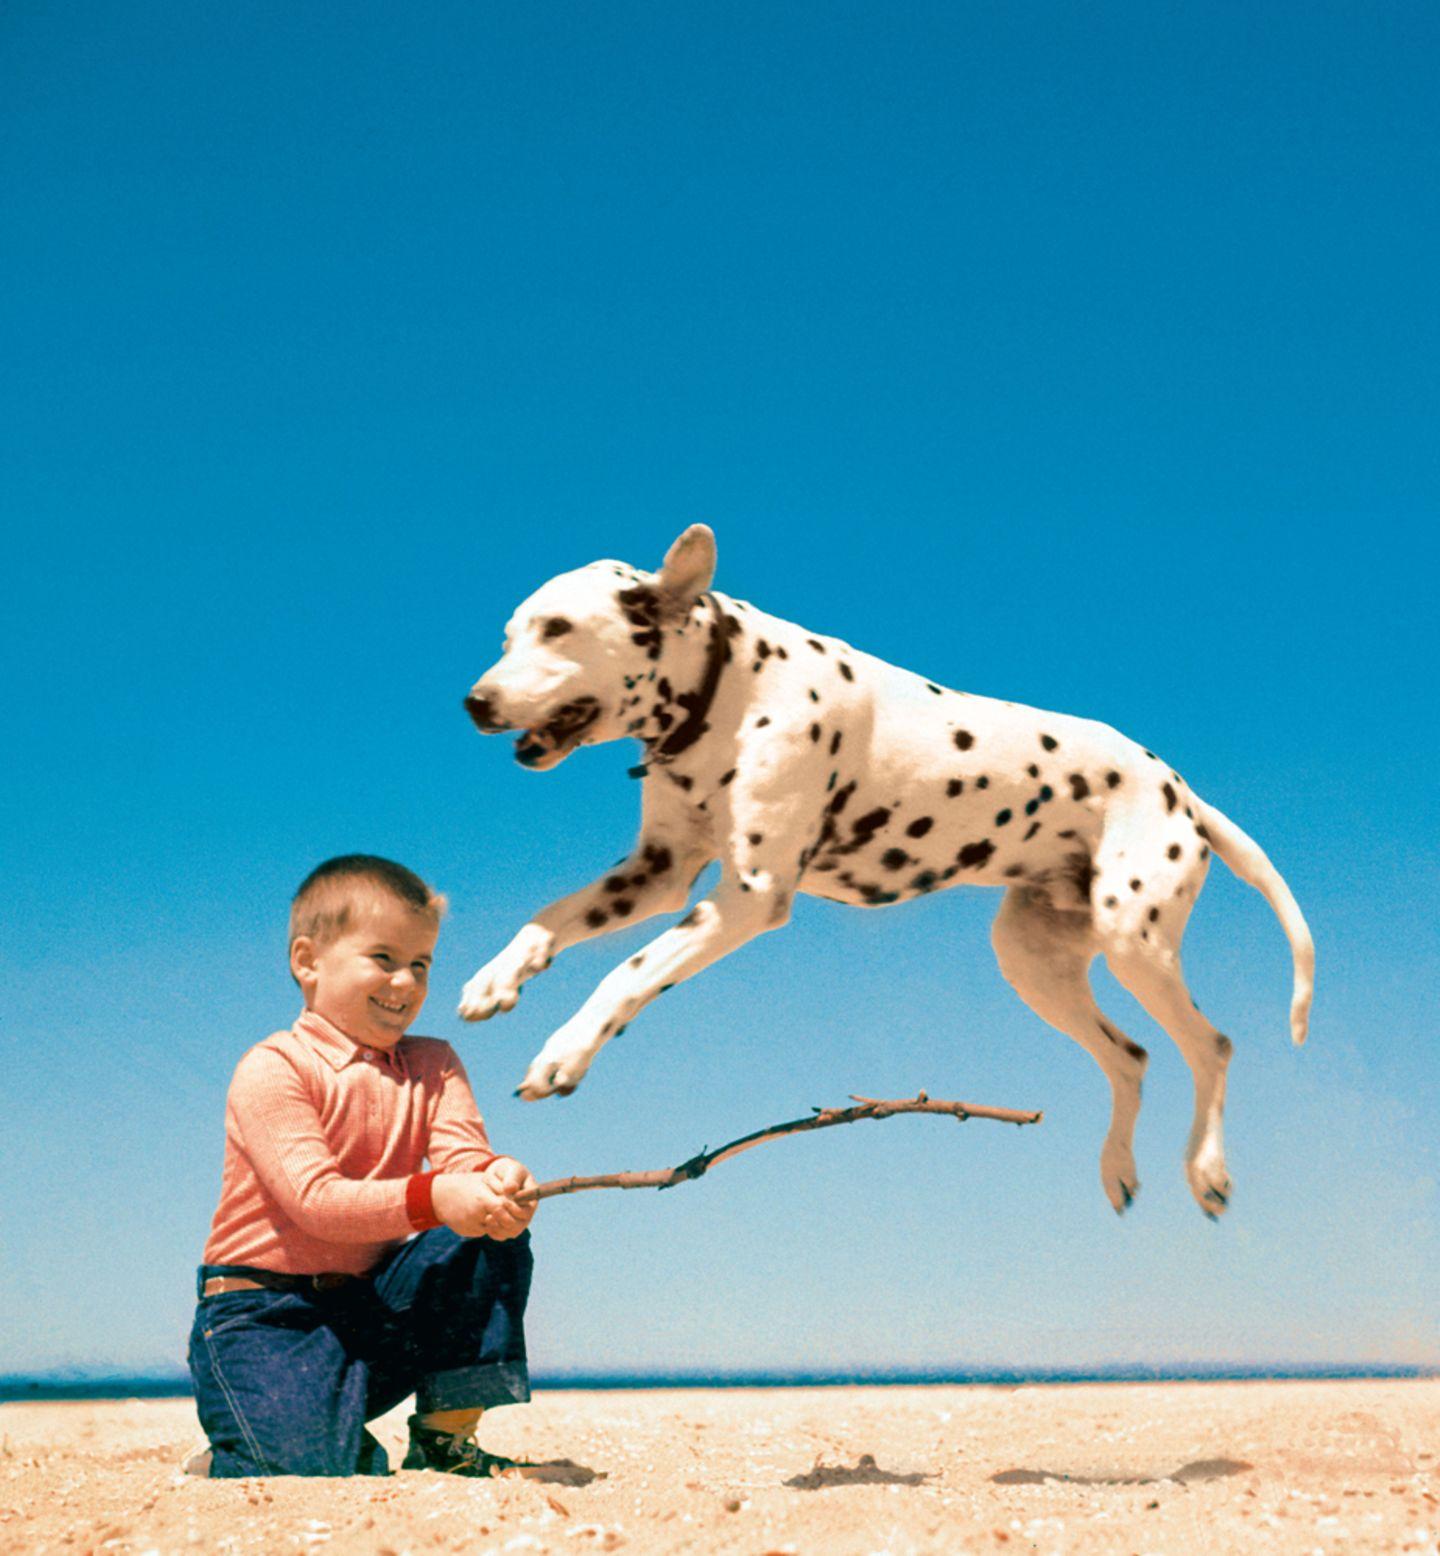 Walter Chandoha: Allem Erfolg zum Trotz blieb Chandoha sich und seinem Stil treu. Er fotografierte die Tiere, die er liebte, mit Menschen, die er liebte – besonders häufig mit seinen sechs Kindern. Wie auf diesem Bild seinen Sohn Enrico mit einem Dalmatiner am Strand von Long Island 1958